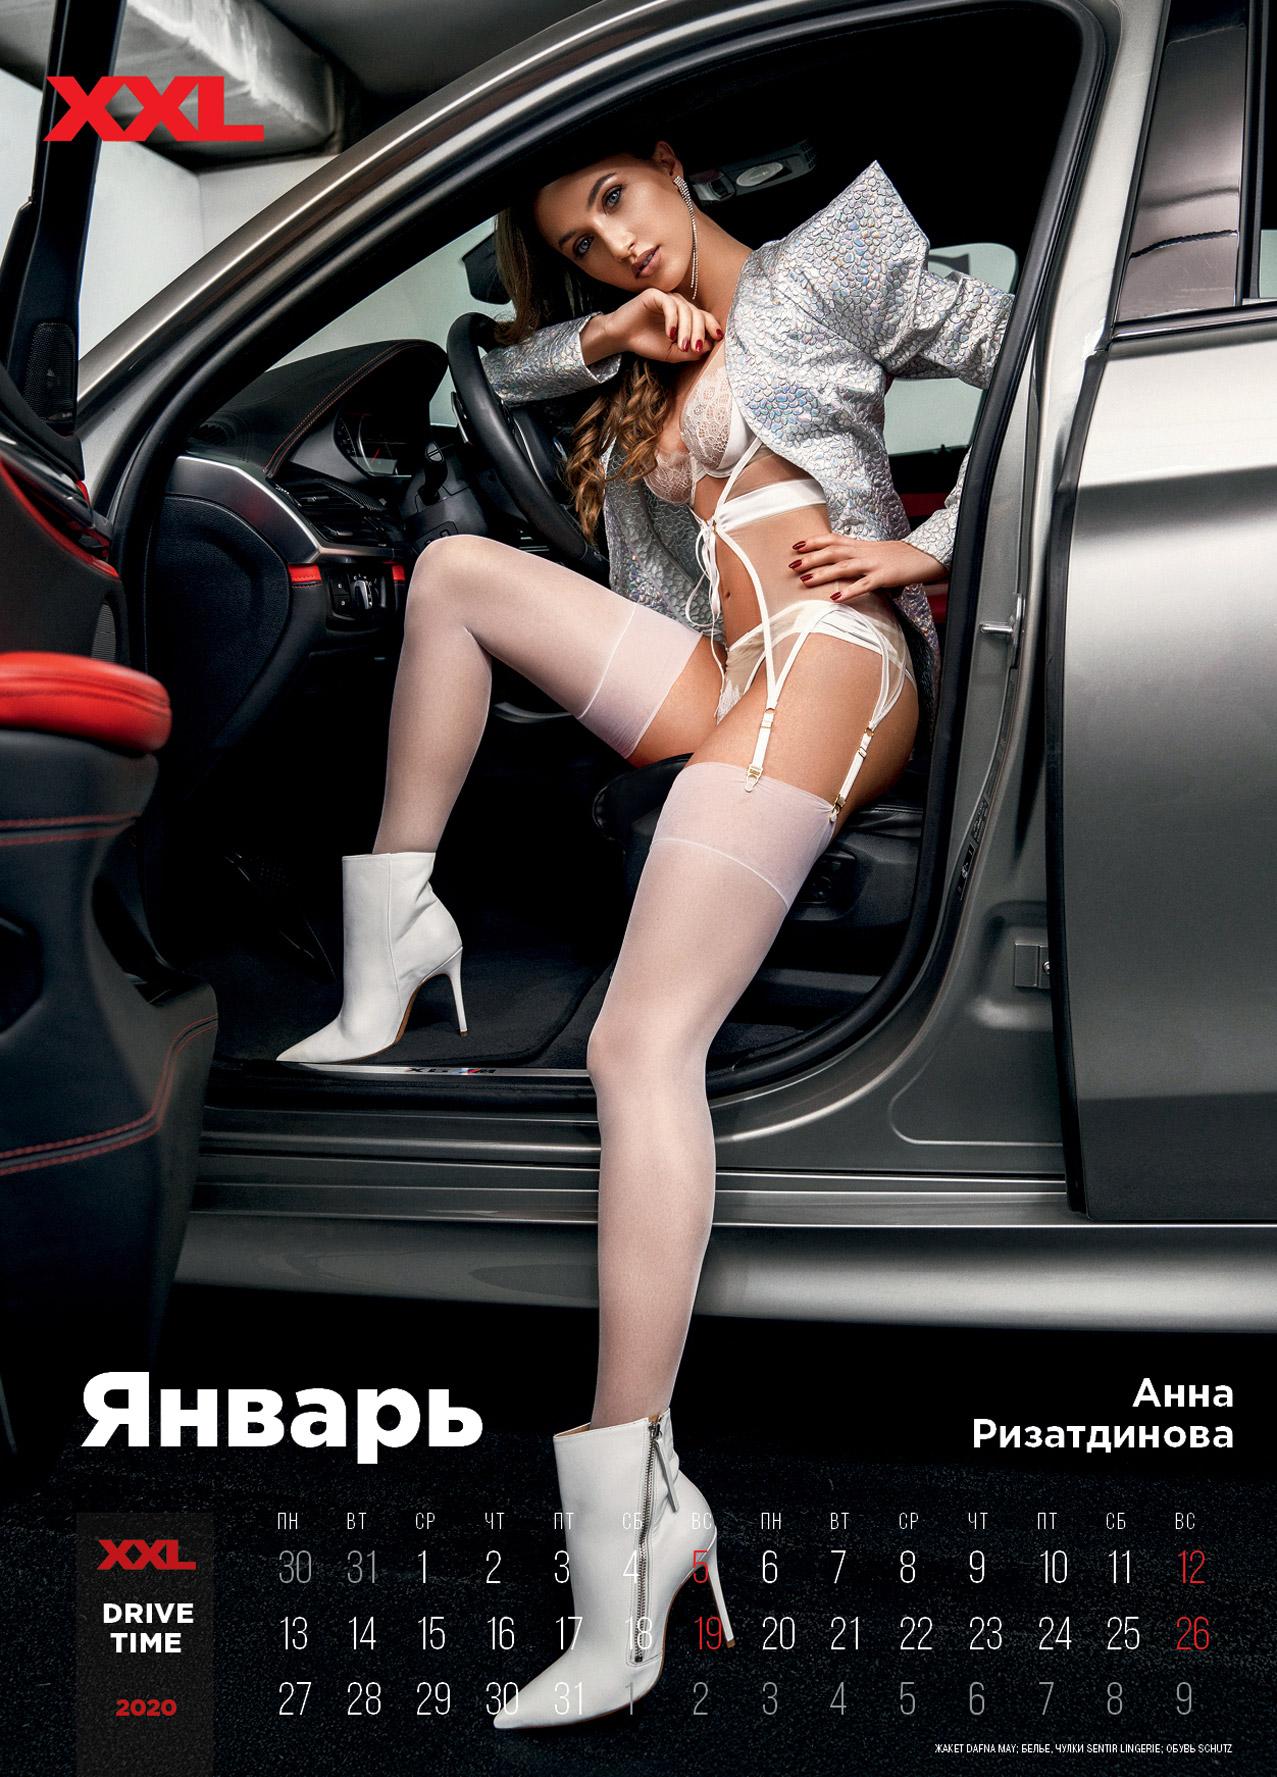 календарь журнала XXL Украина на 2020 год / январь - Анна Ризатдинова